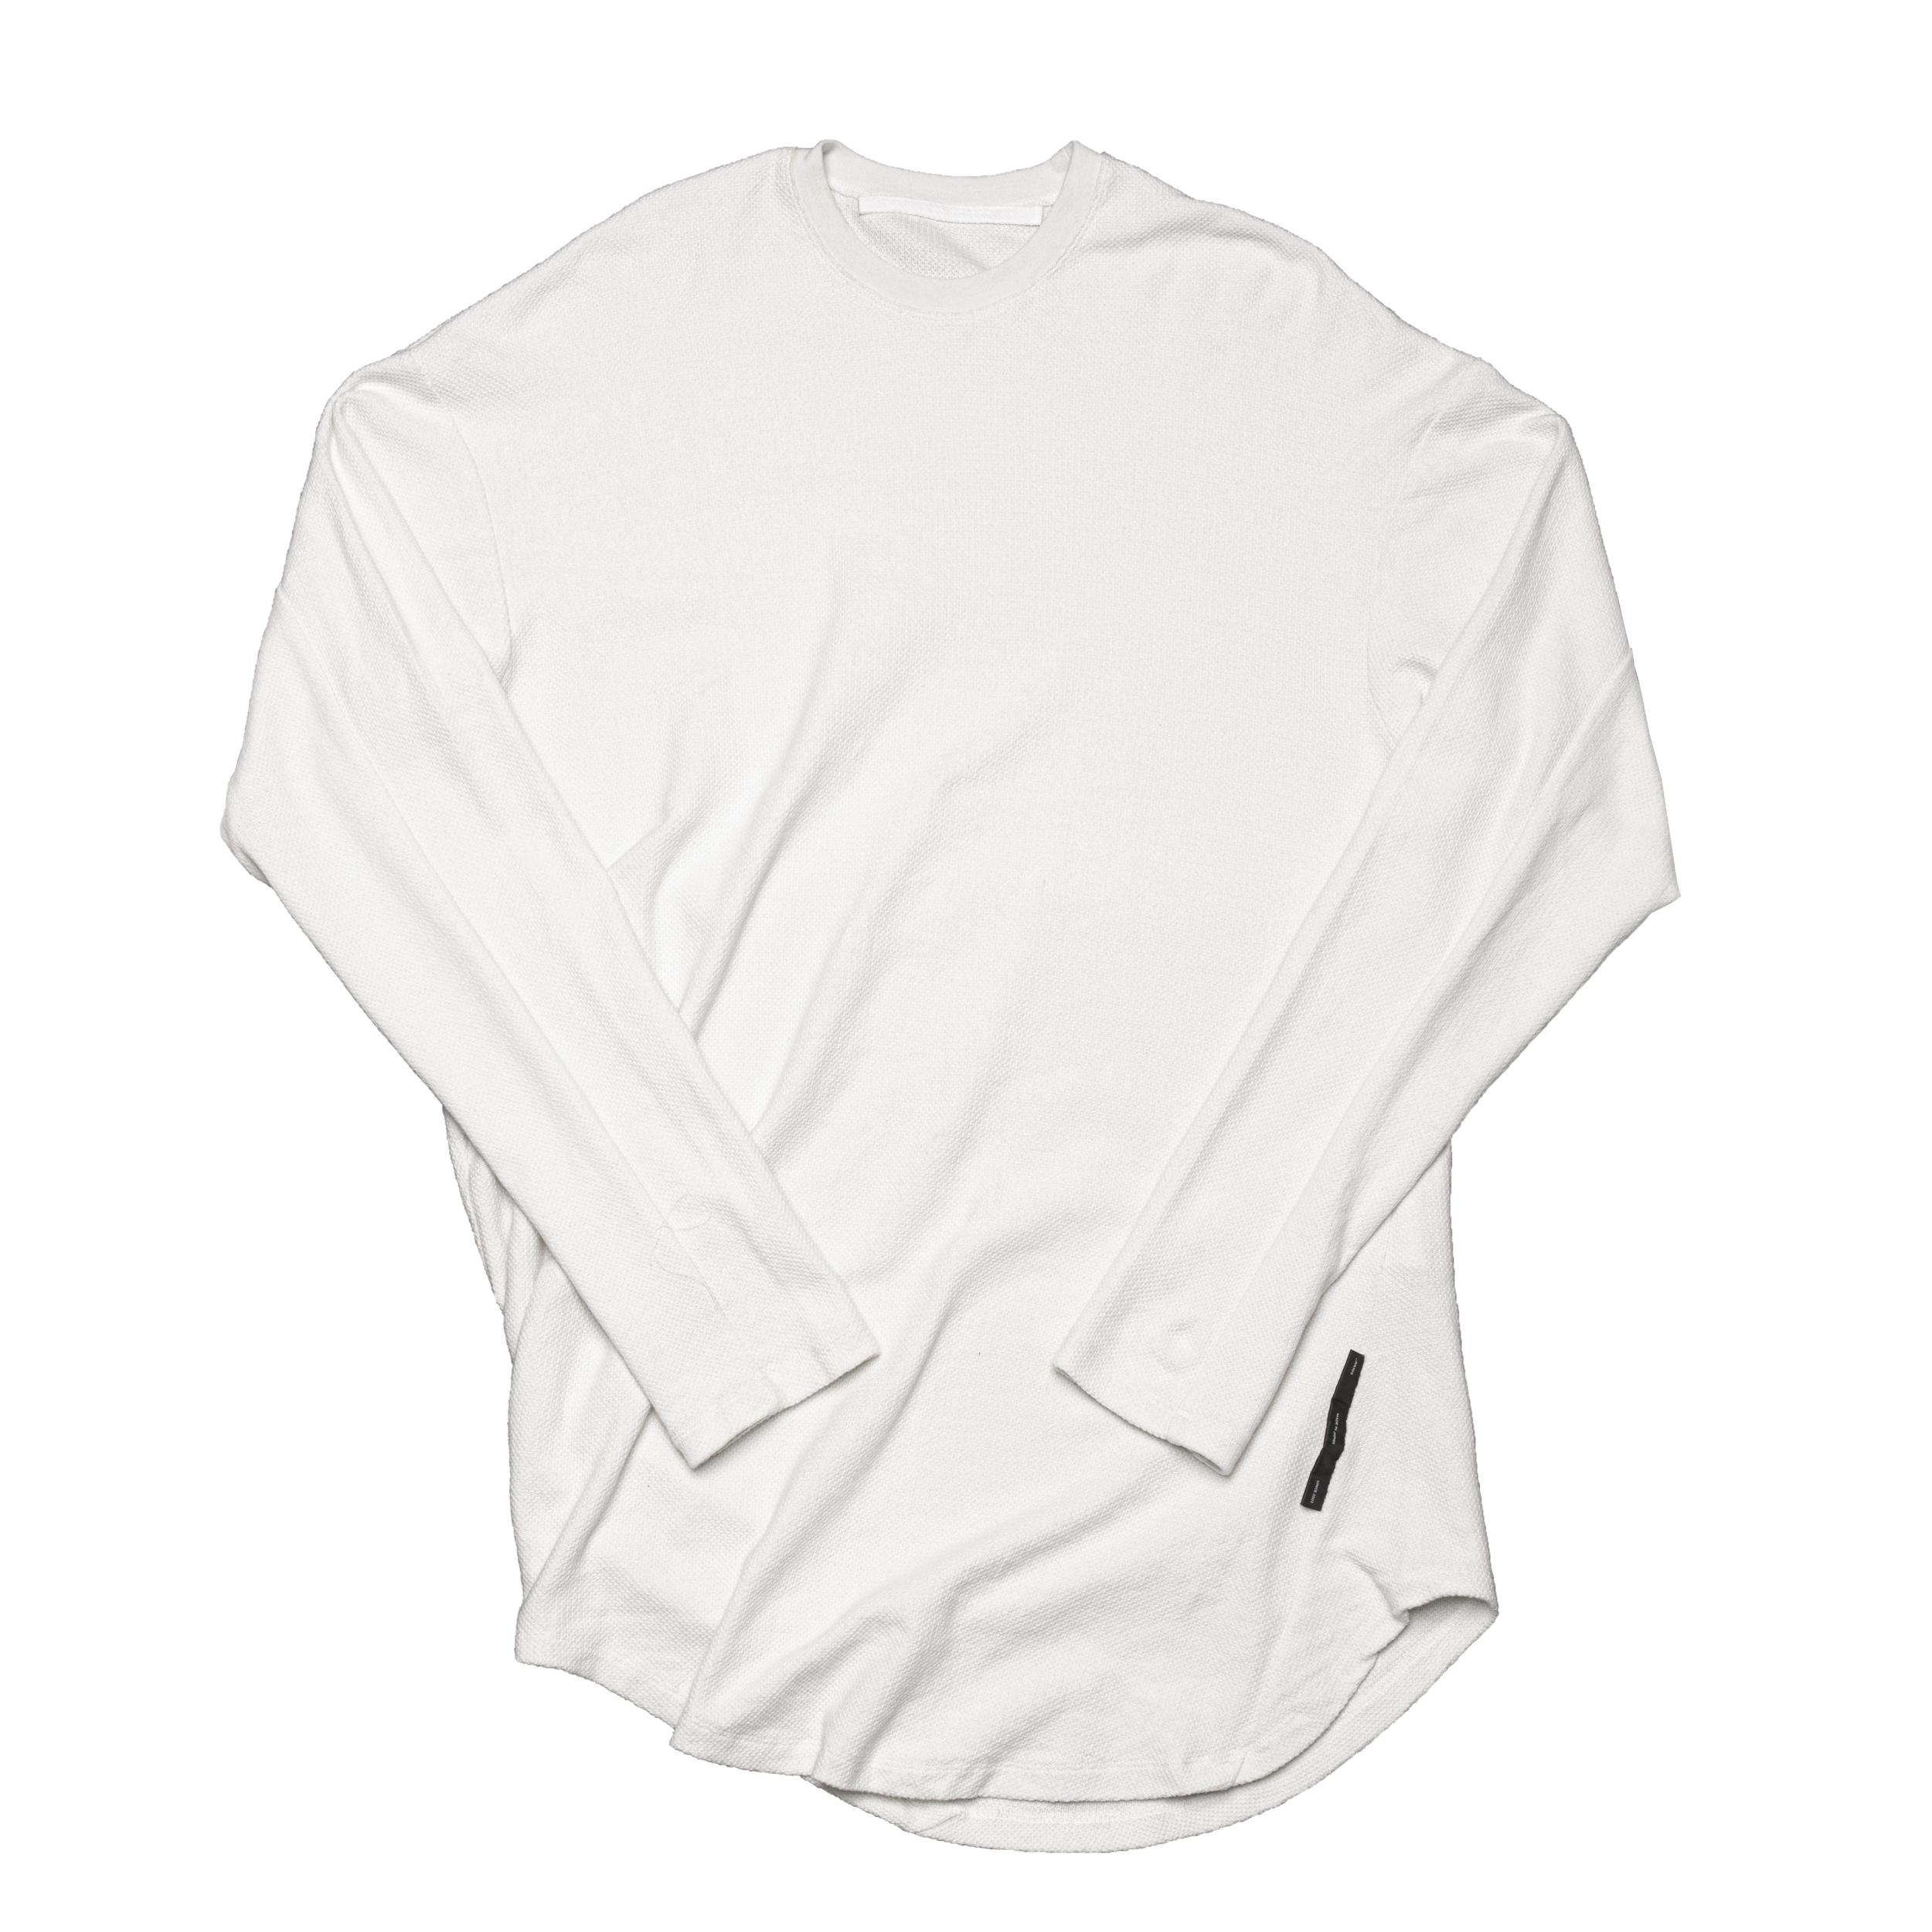 687CUM3-OFF / ツイストシャツ